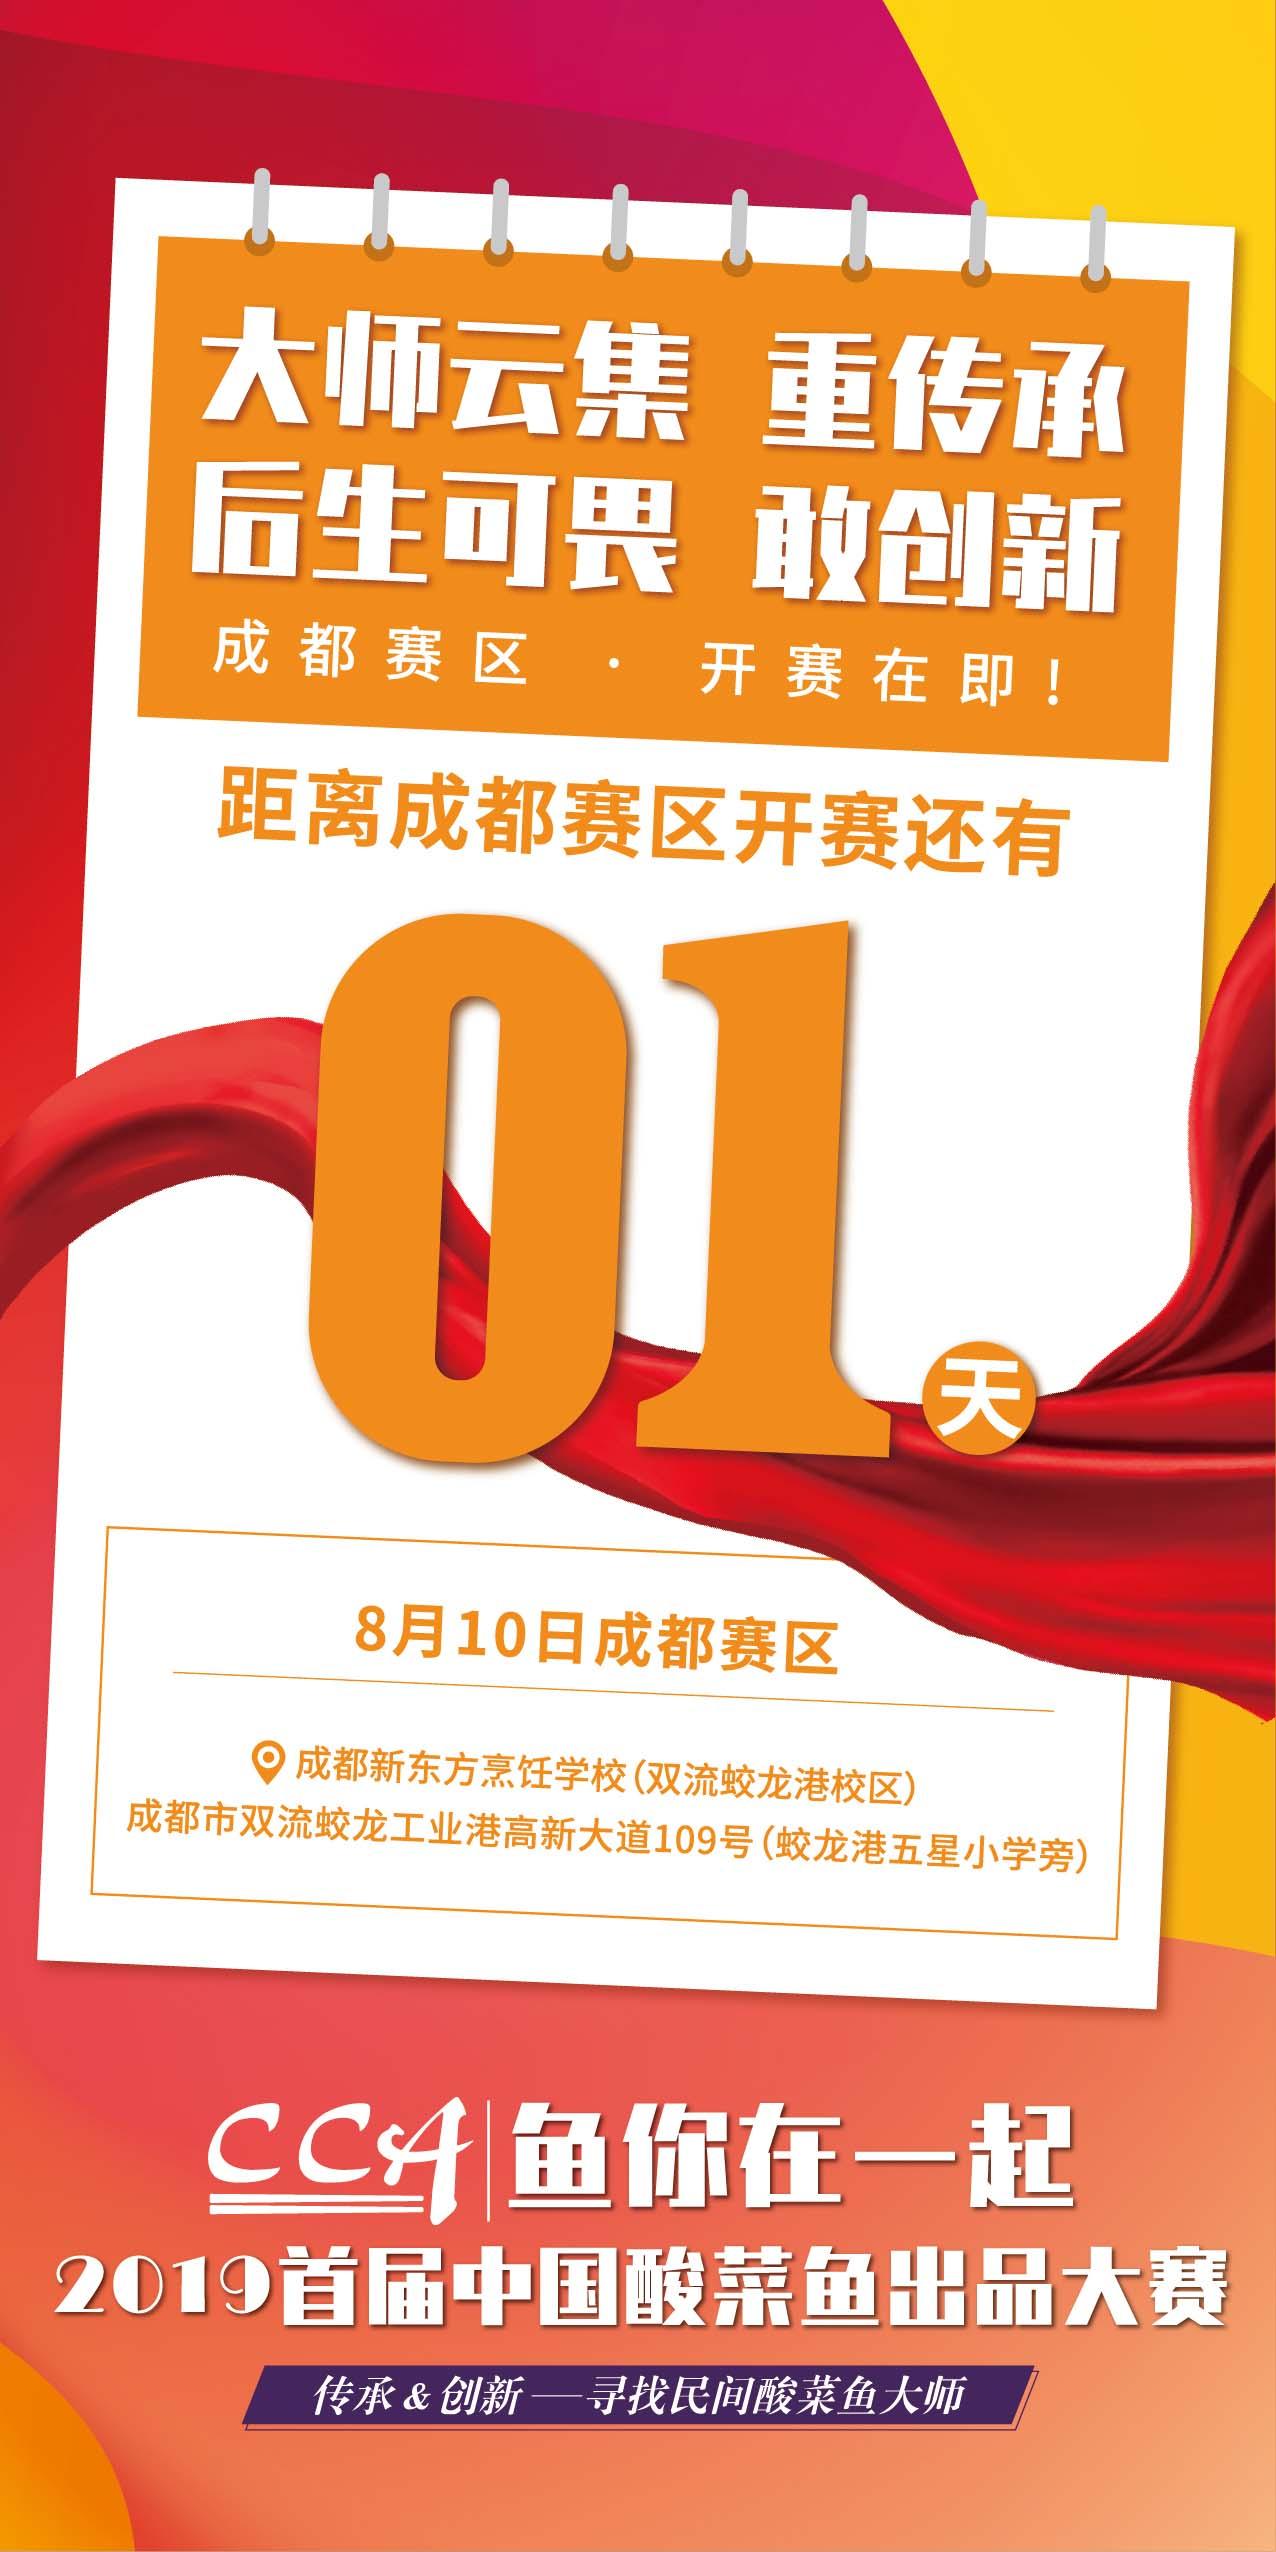 鱼你在一起·2019首届中国ysb88易胜博大赛成都赛区即将火力开赛!